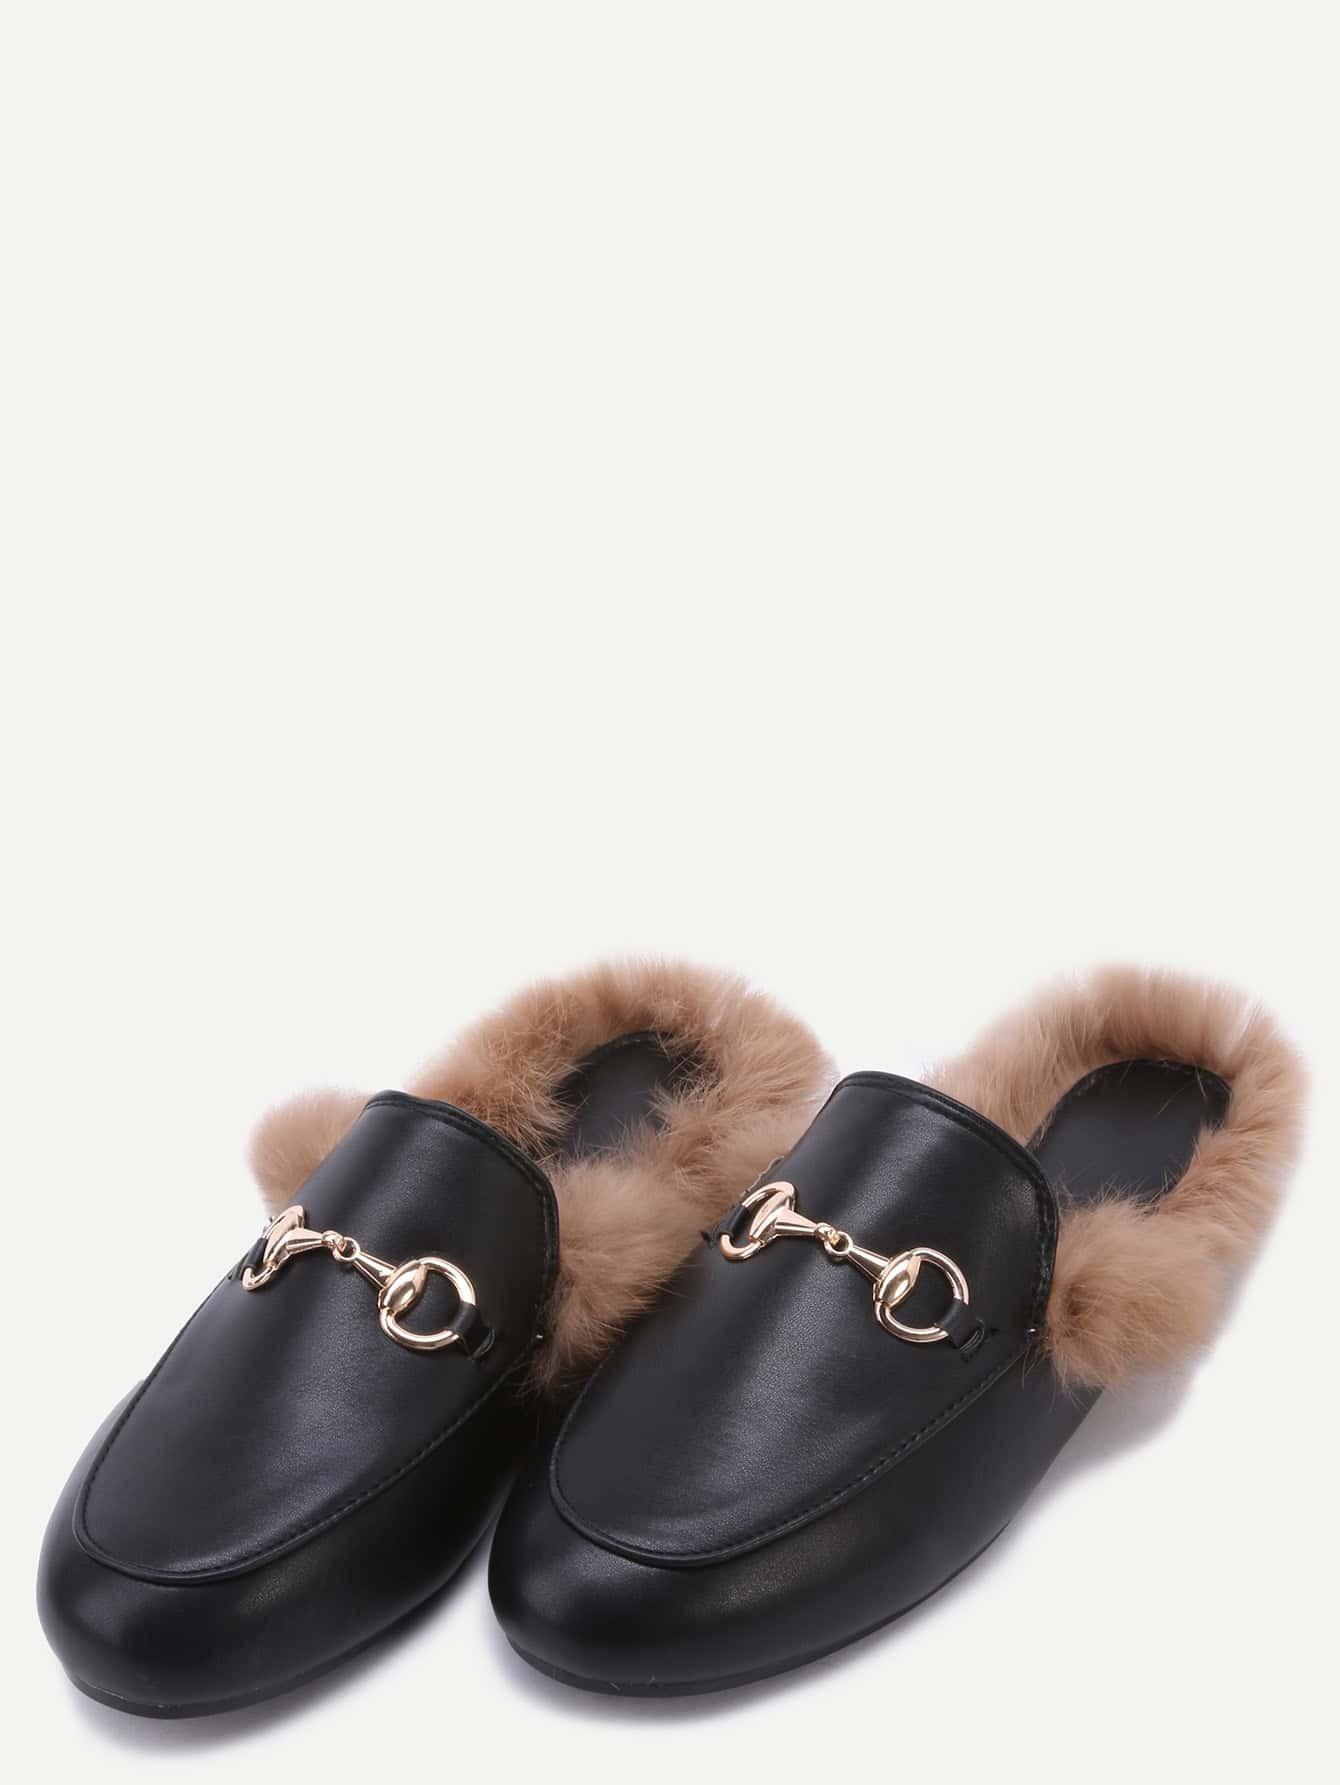 shoes160930806_2